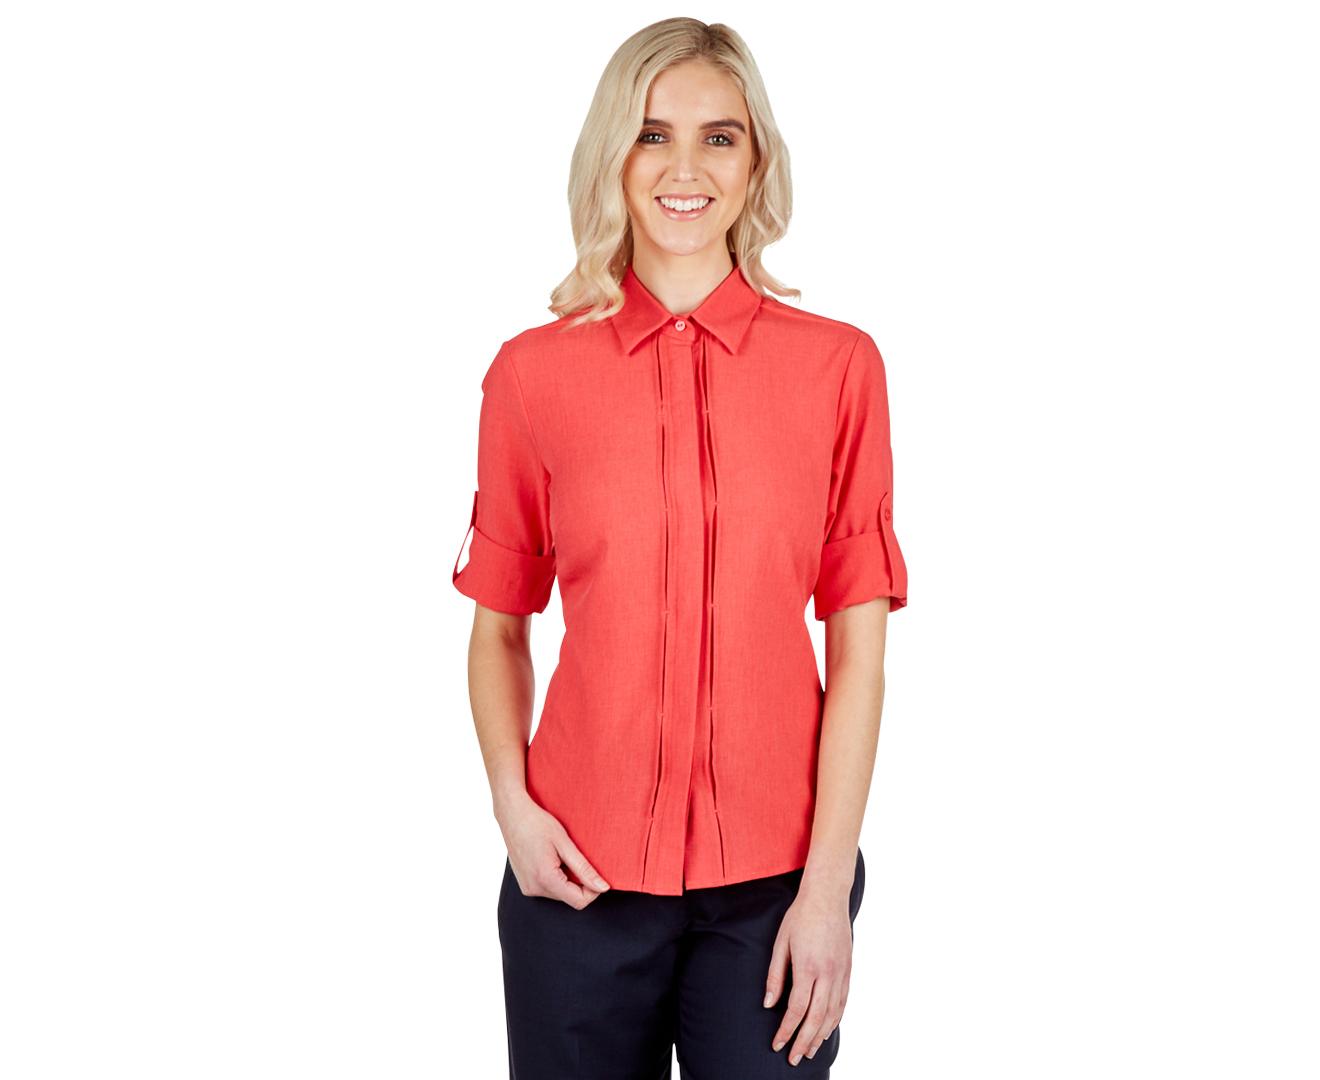 Nnt Women 39 S 3 4 Roll Up Sleeve Shirt Watermelon Great